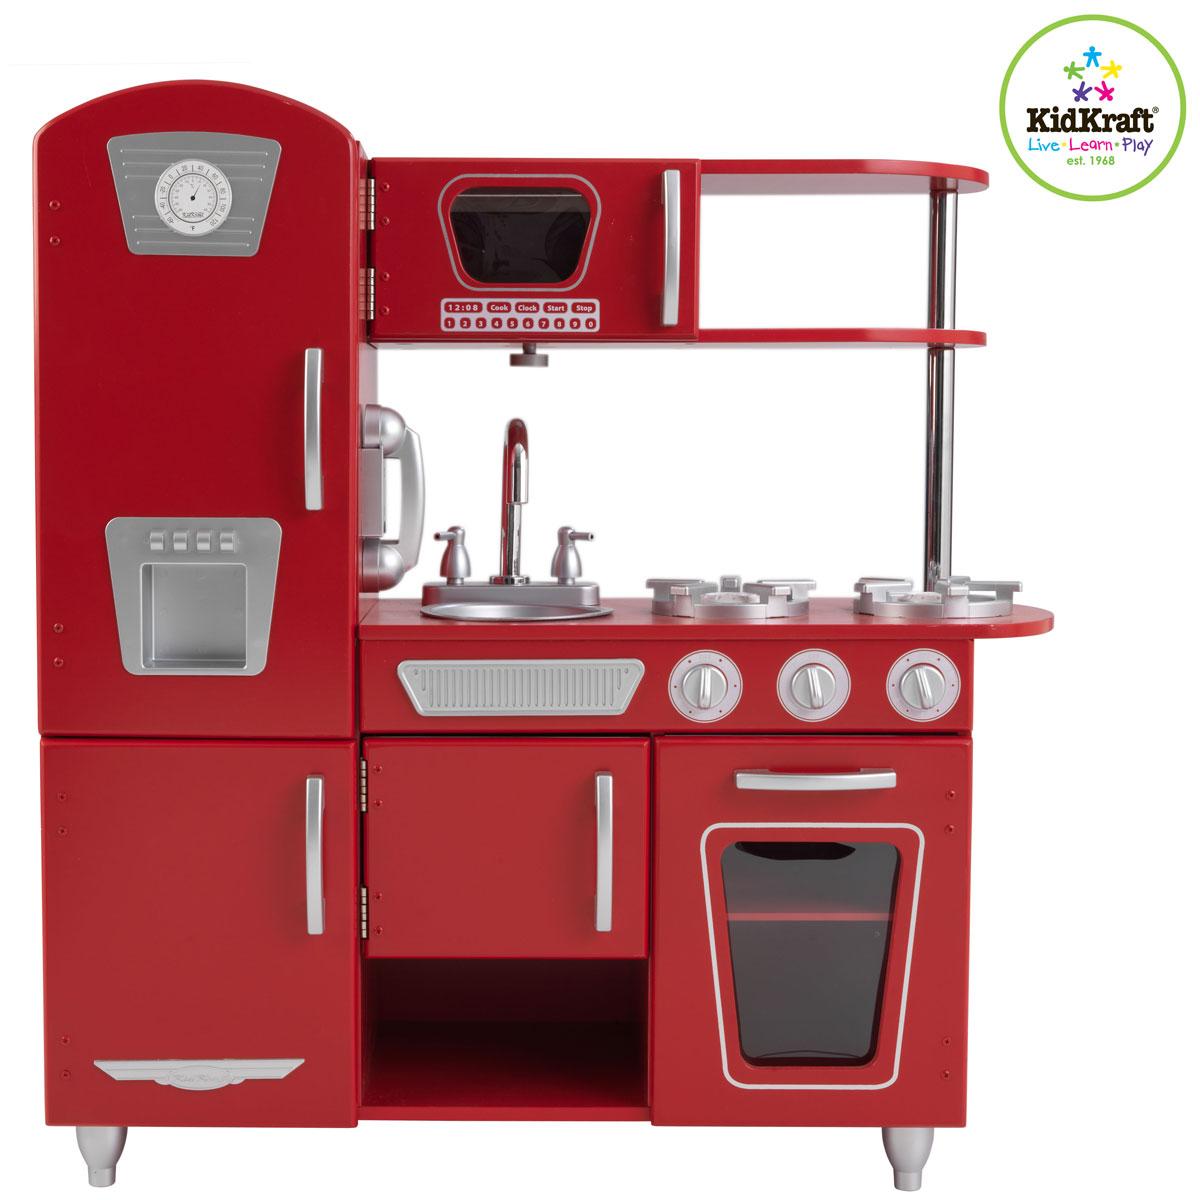 Idee Chambre A Coucher Adulte : kidkraft cuisine vintage rouge 53173 dans notre kidkraft cuisine